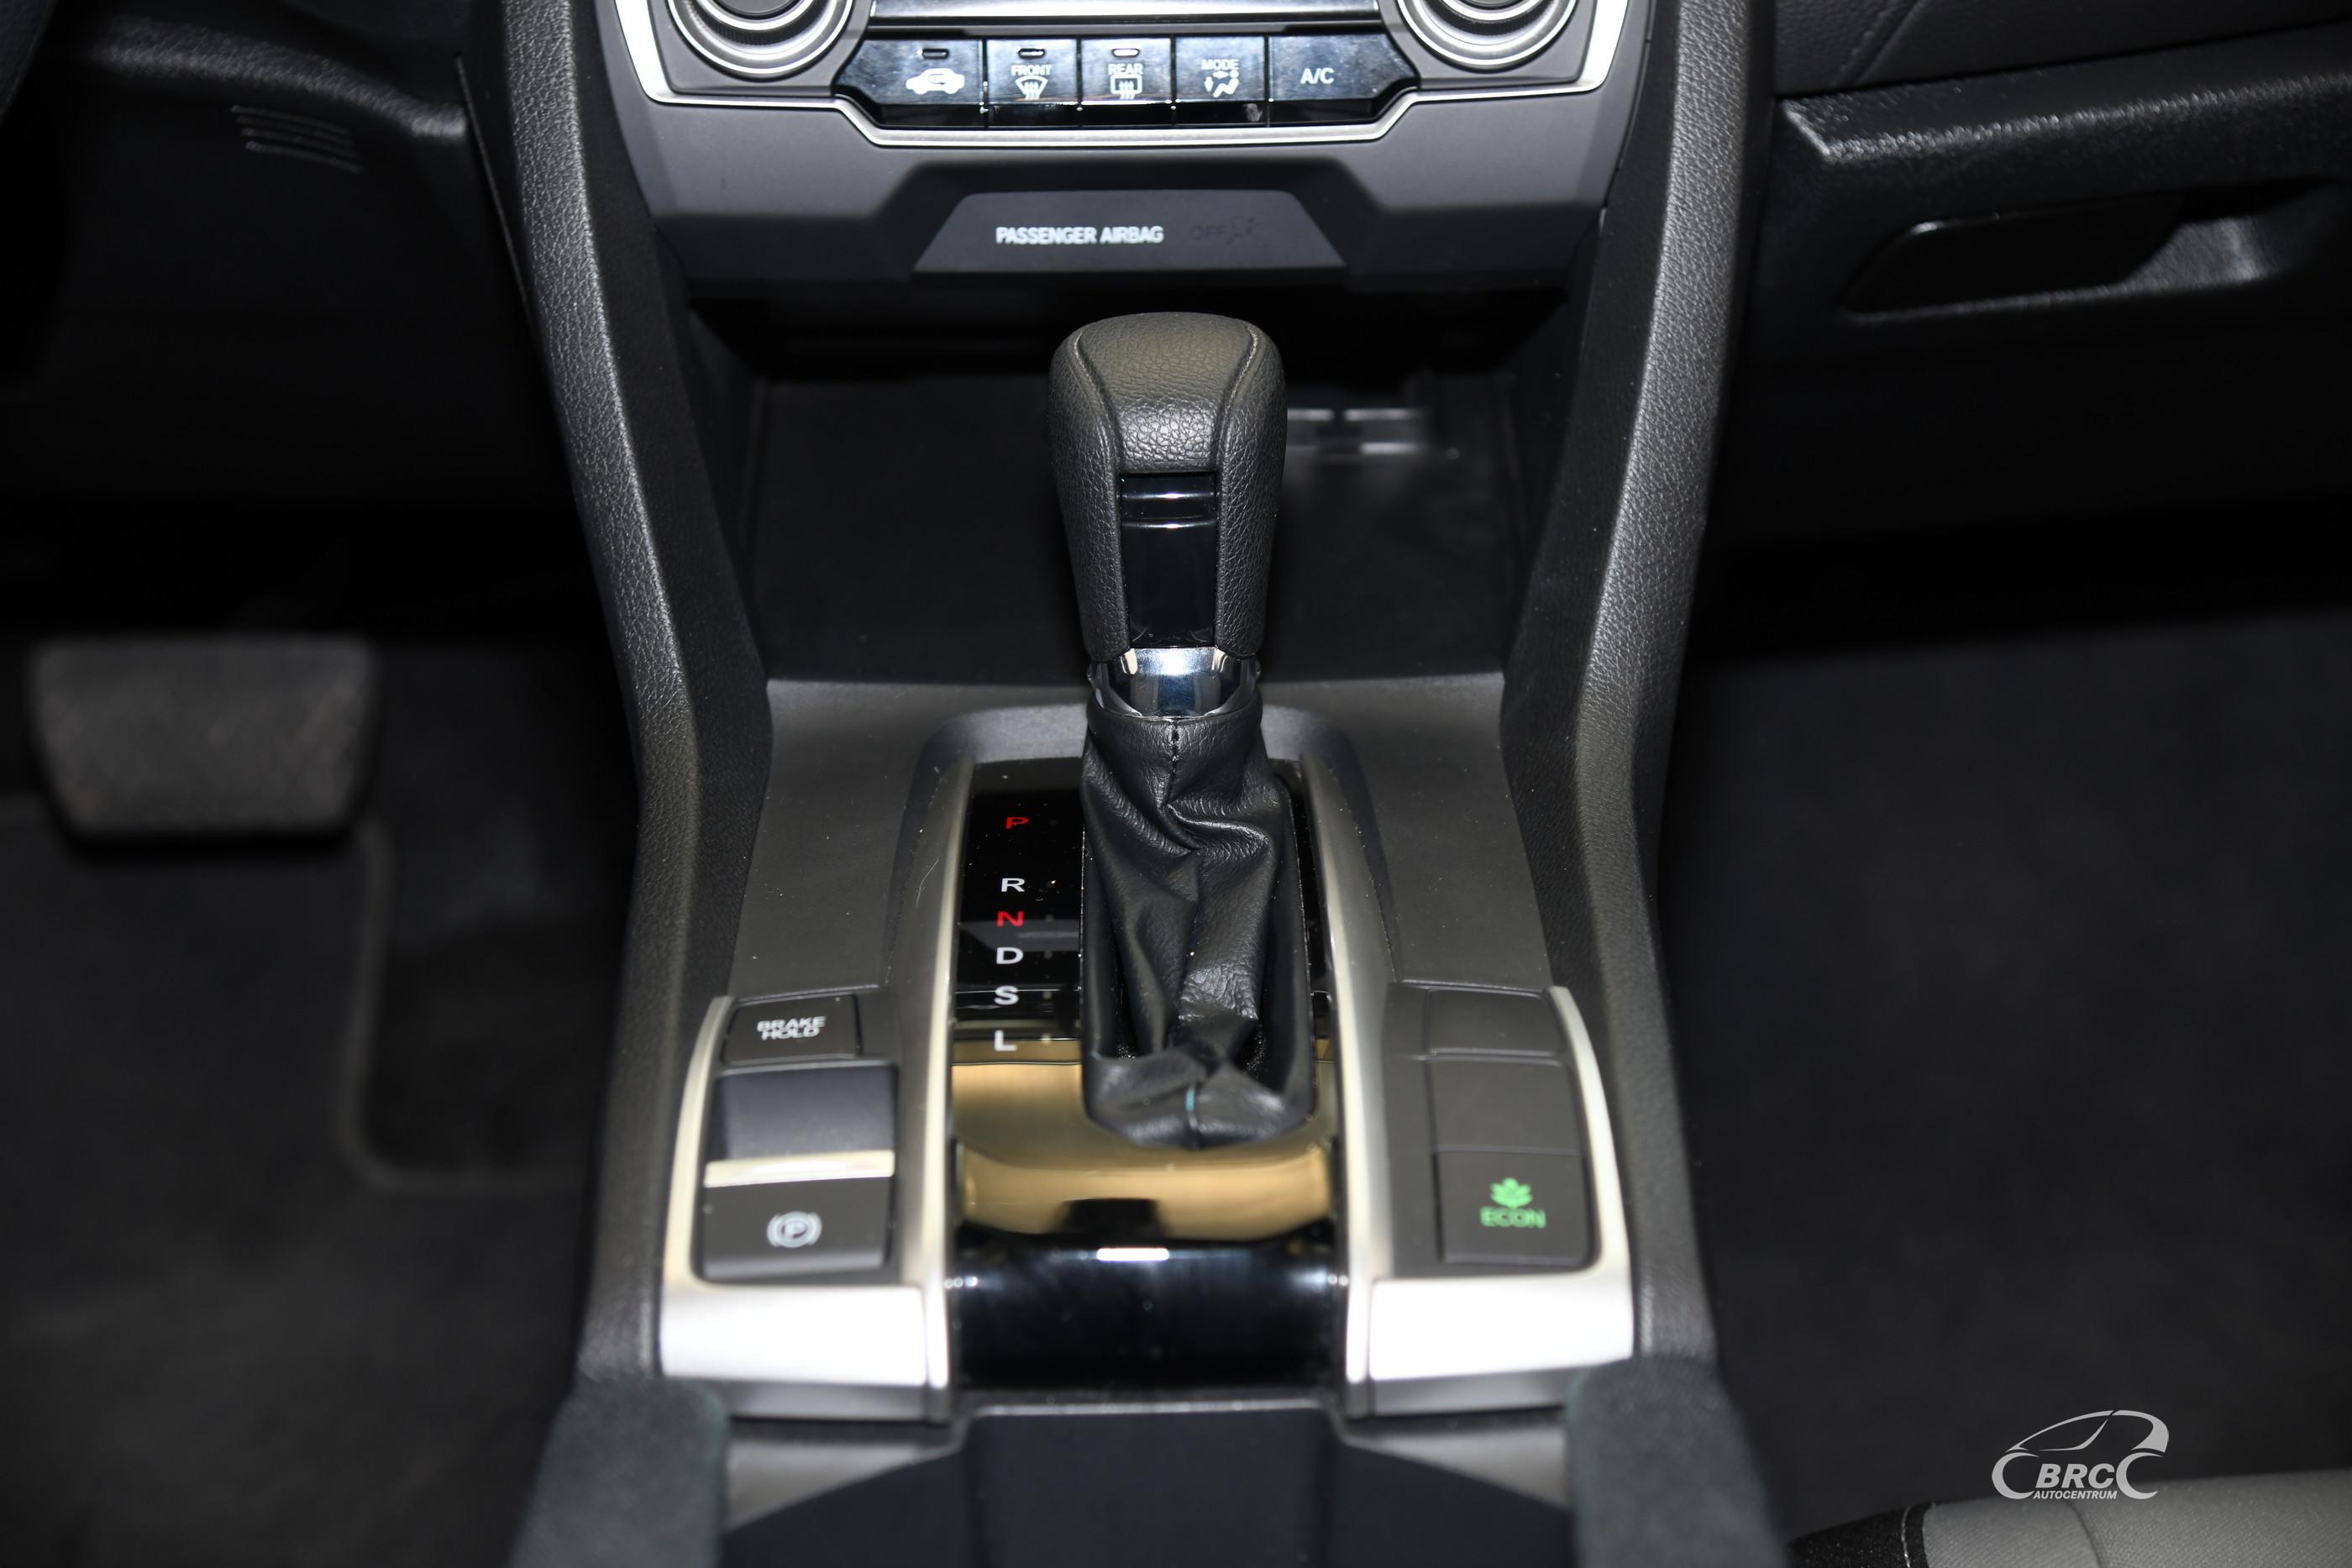 Honda Civic 2.0 V-Tec LX Automatas